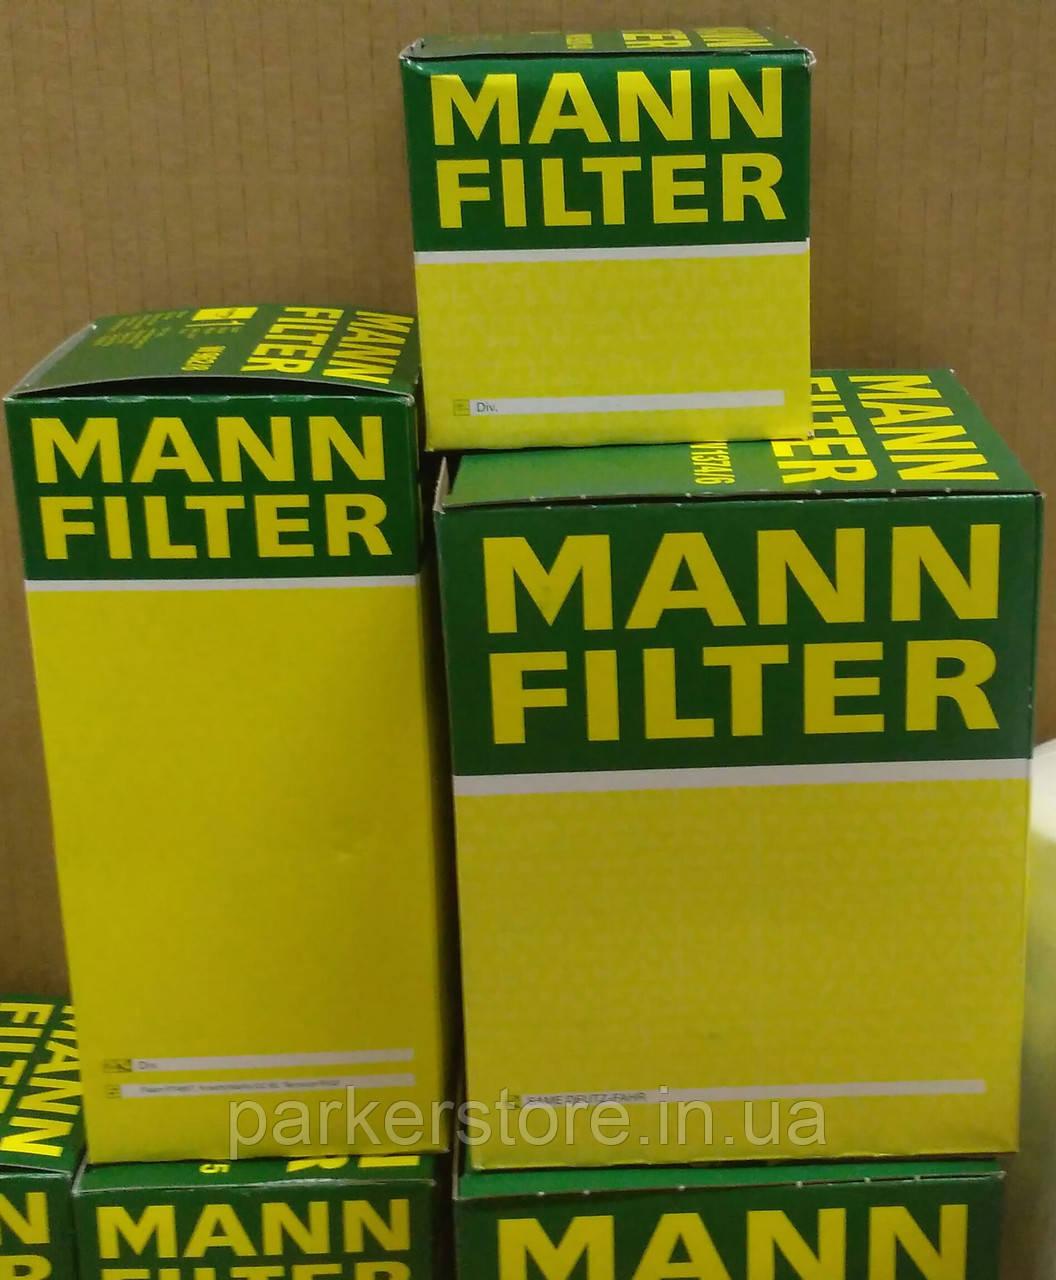 MANN FILTER / Воздушный фильтр / C 2538 / C2538